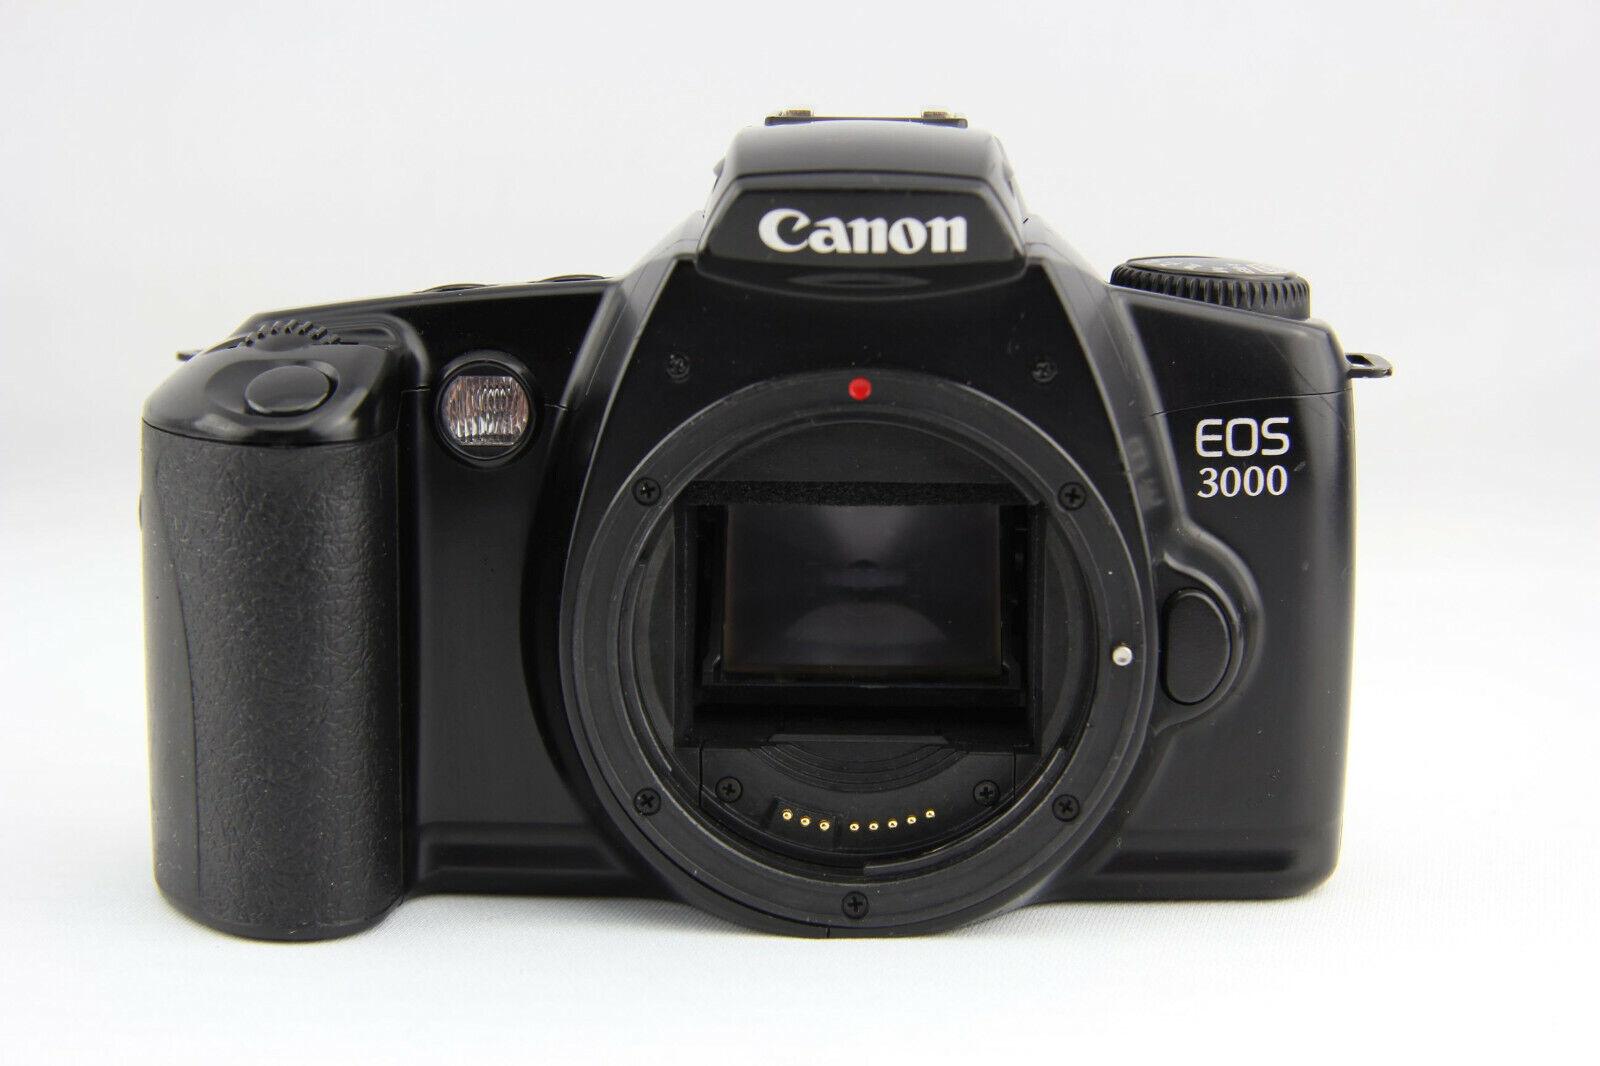 Canon EOS 3000 analoge Spiegelreflexkamera schwarz # 6821